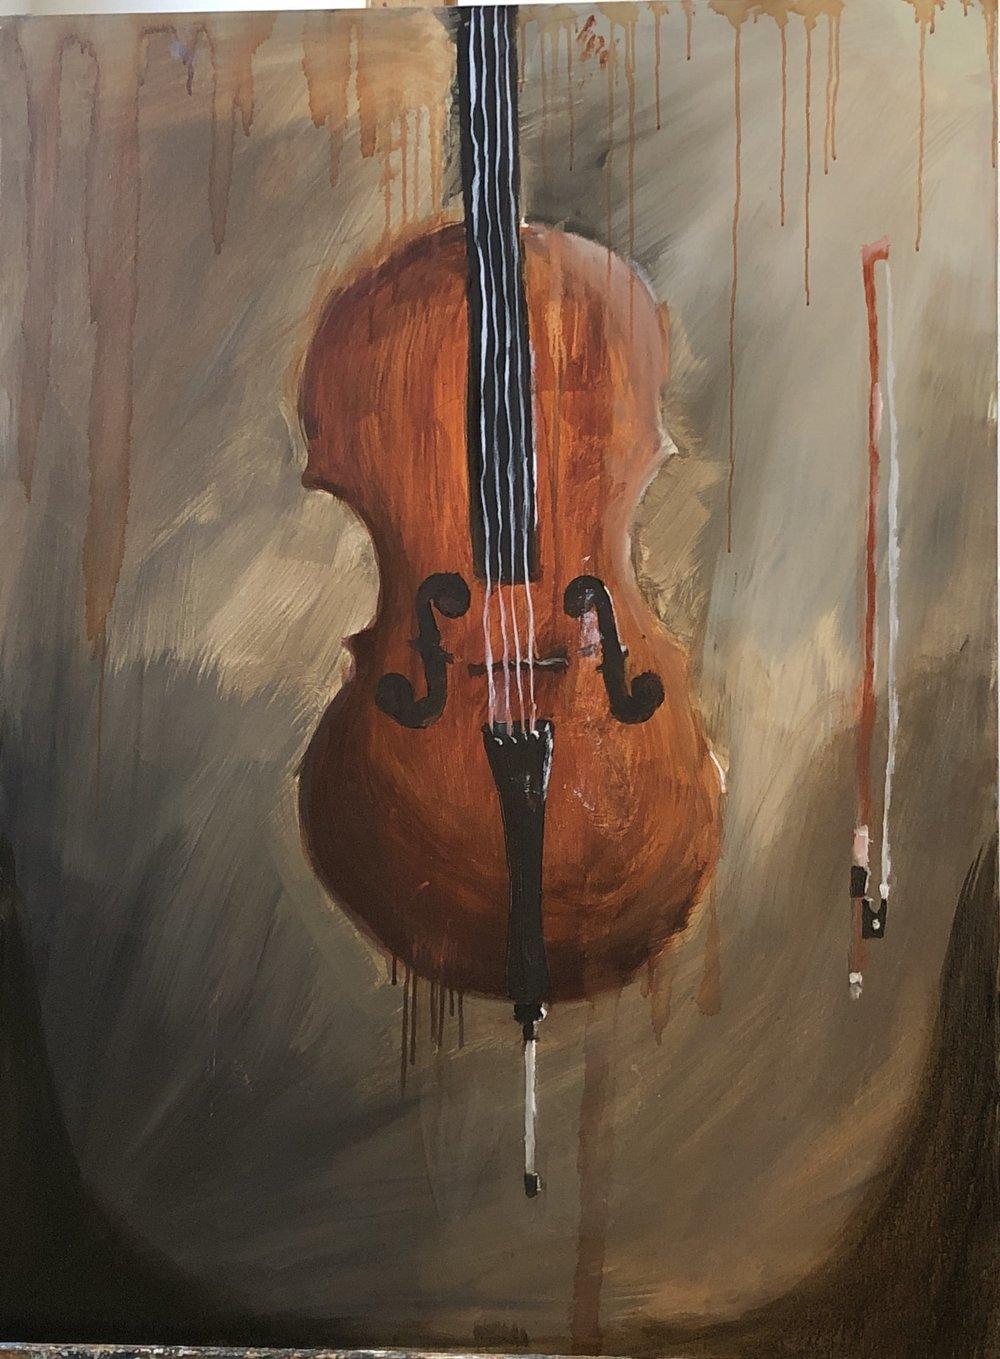 k's cello